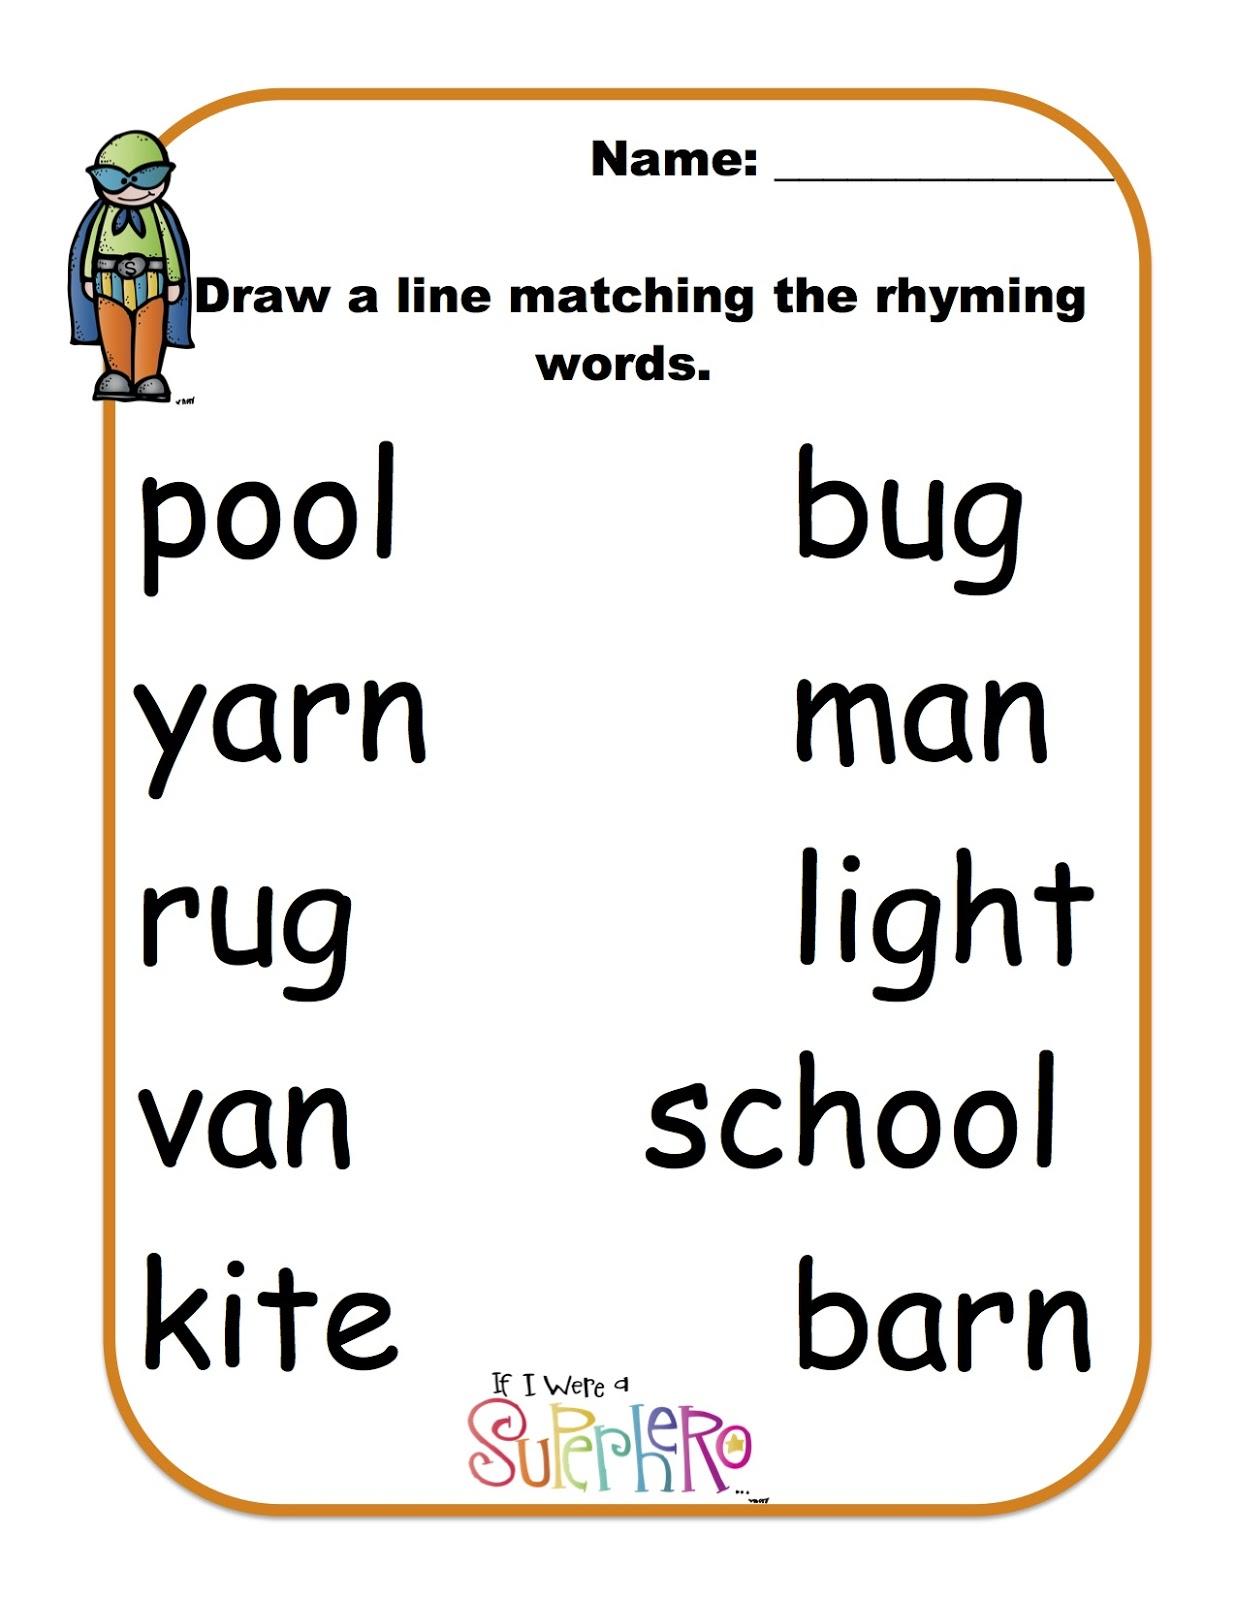 Worksheets Printable Rhyming Worksheets rhyming words with super heros preschool printables heros